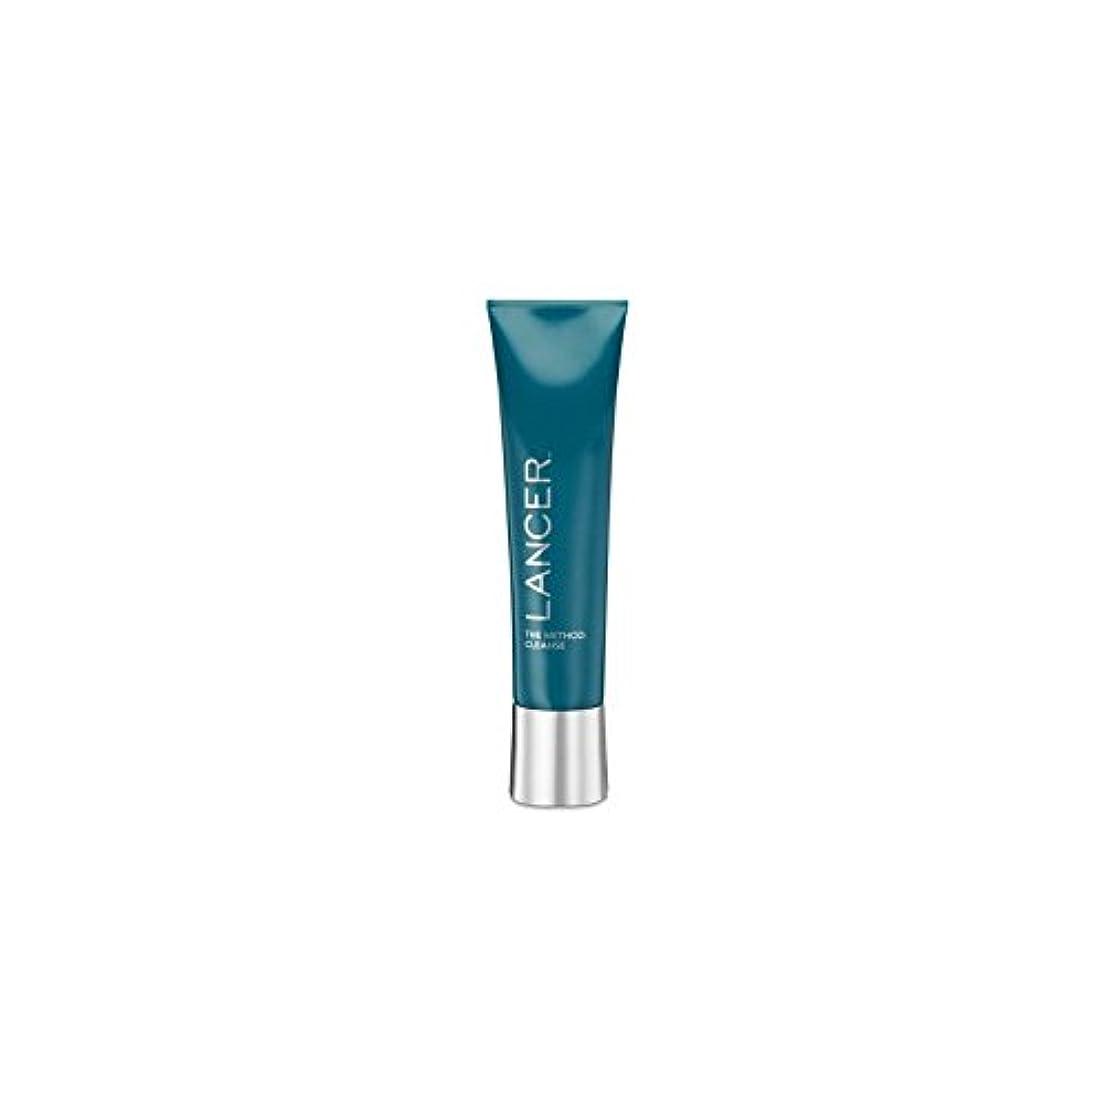 沿って束ねる達成可能Lancer Skincare The Method: Cleanser (120ml) - クレンザー(120ミリリットル):ランサーは、メソッドをスキンケア [並行輸入品]